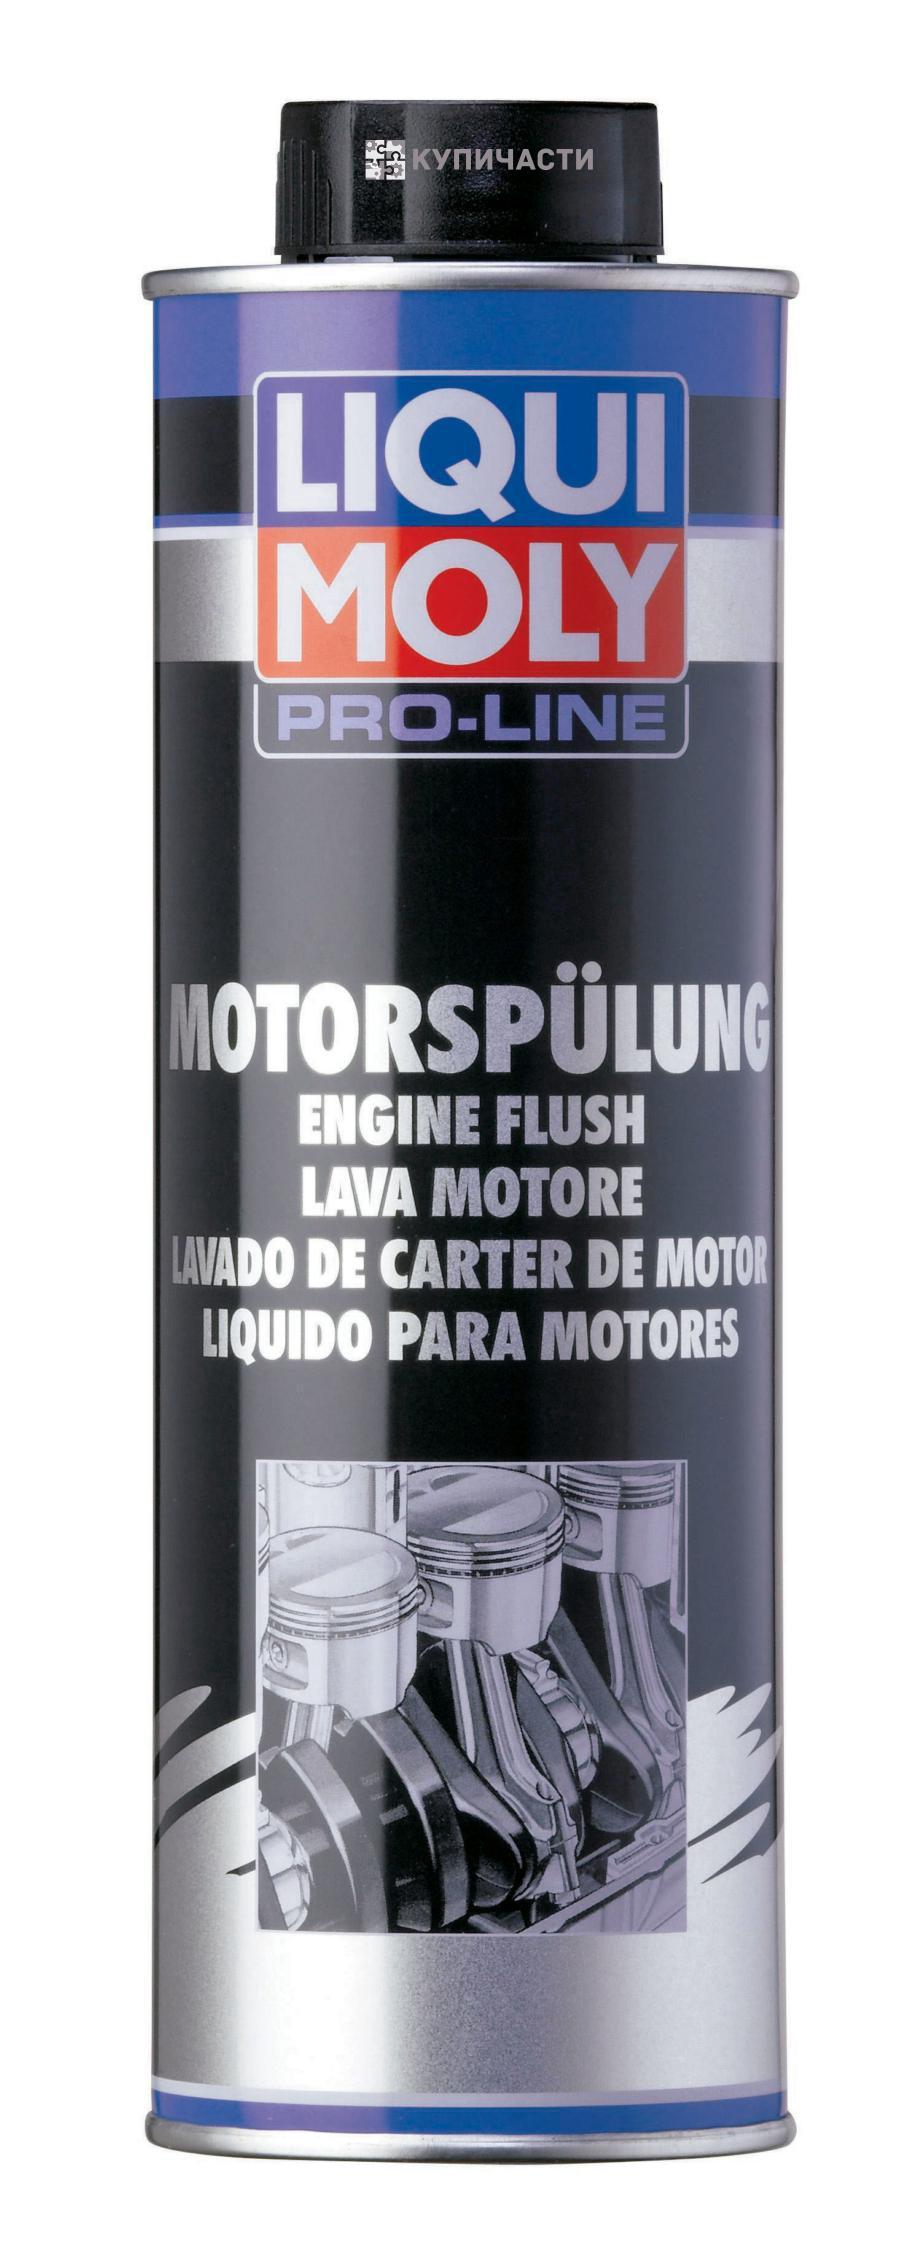 Средство для промывки двигателя Профи Pro-Line Motorspulung 0,5л